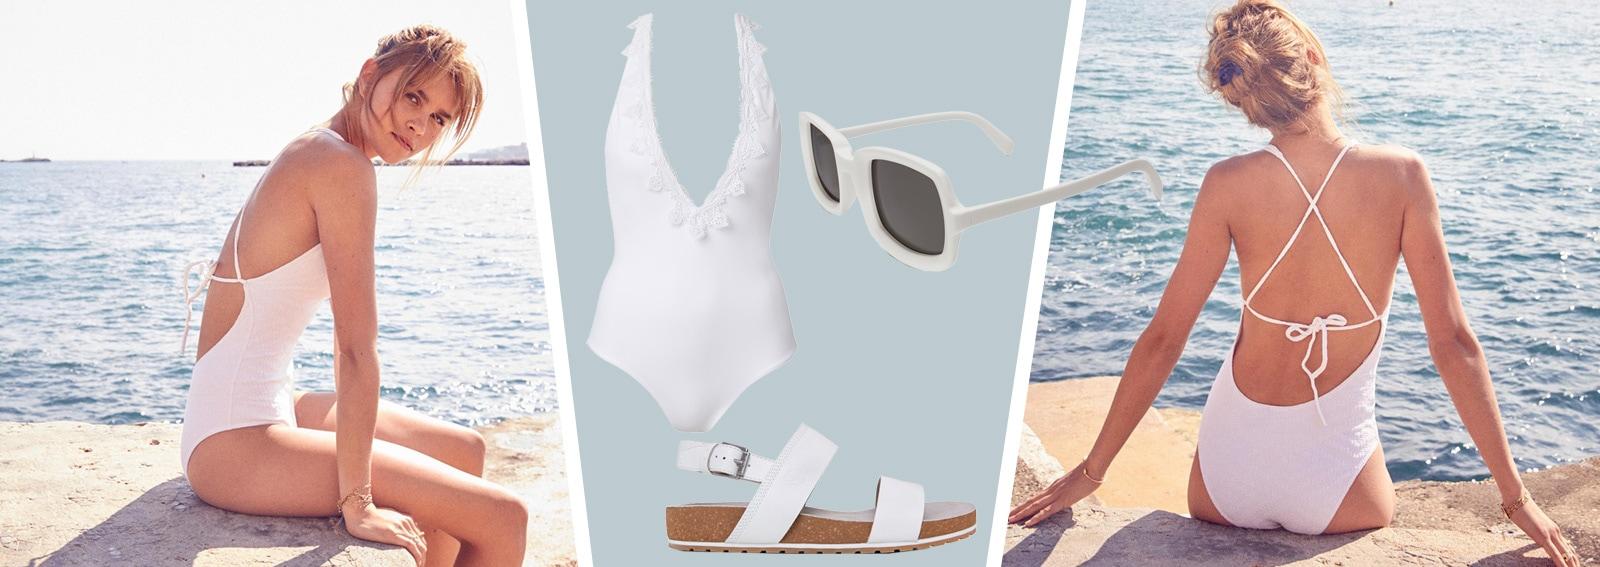 DESKTOP_beachwear